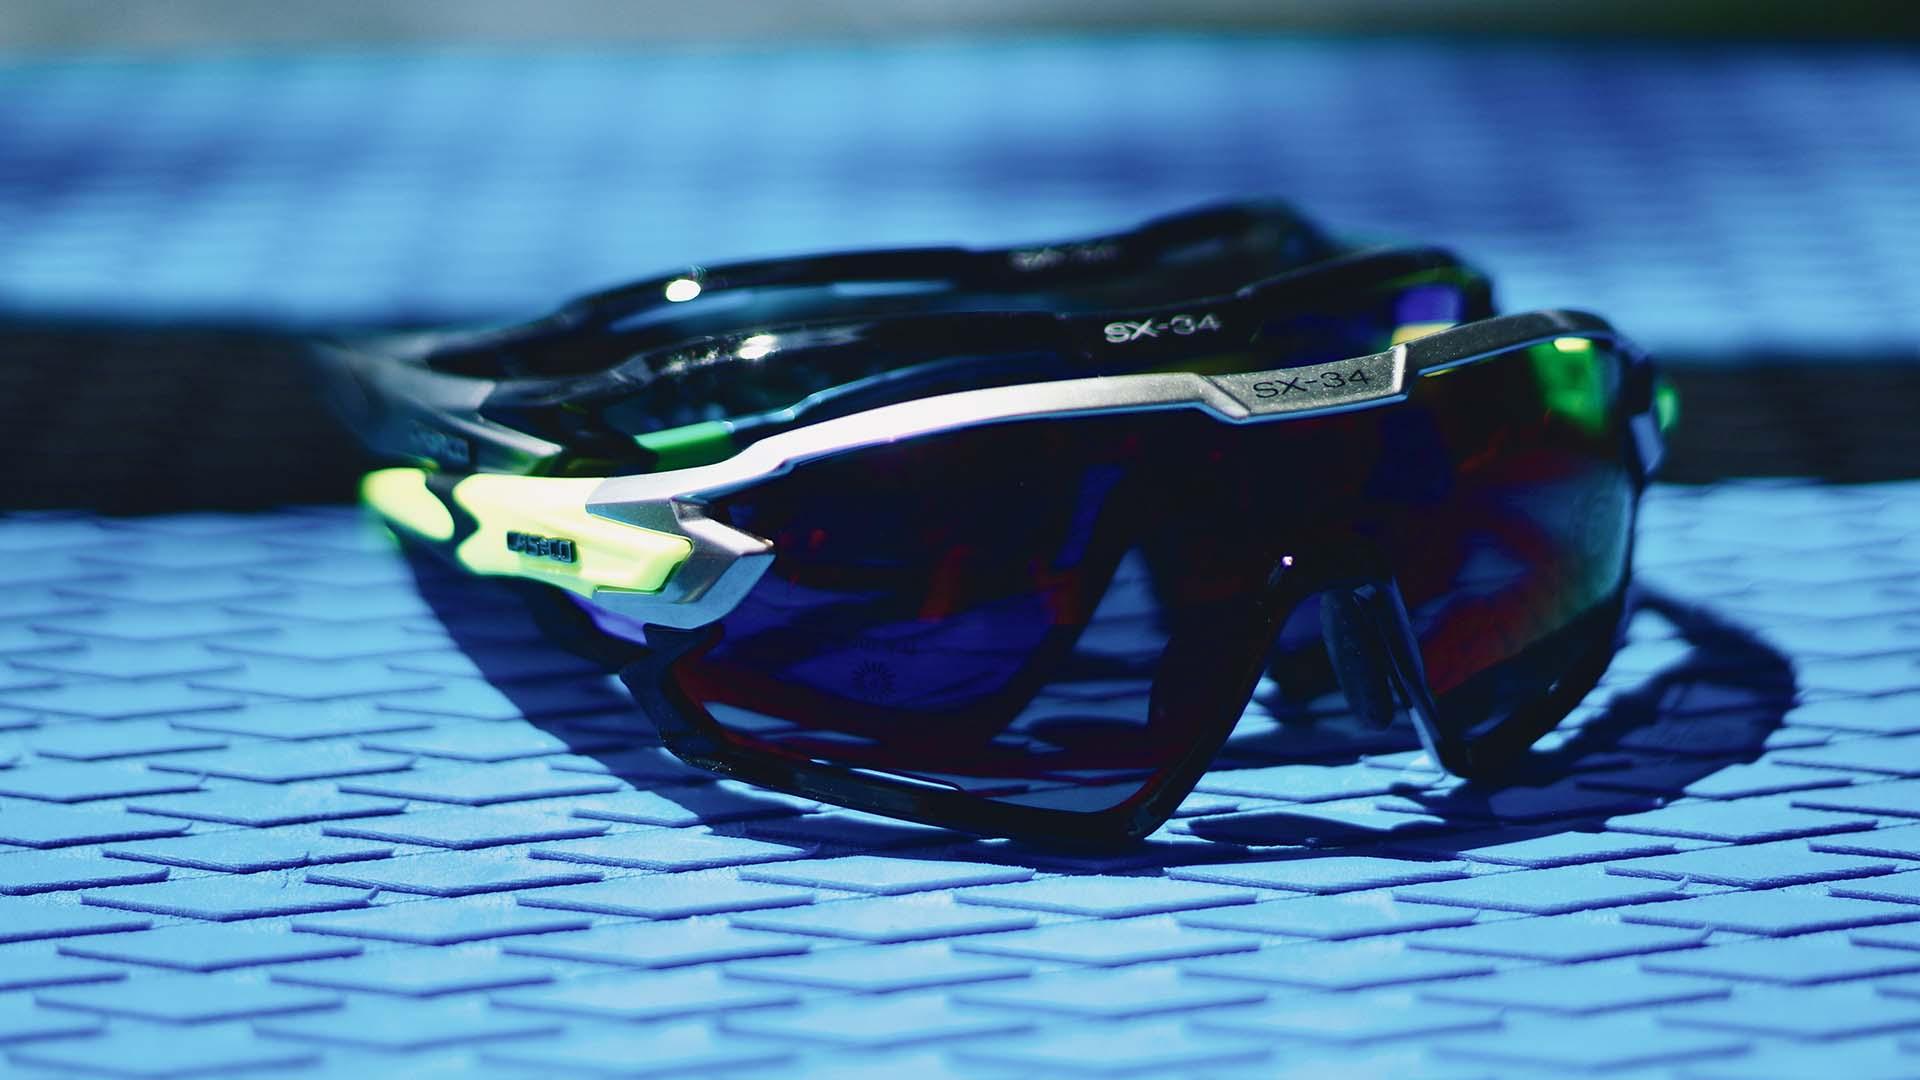 Funkcionális szemüveg sportoláshoz kifejlesztve: Casco SX-34 sportszemüveg-4